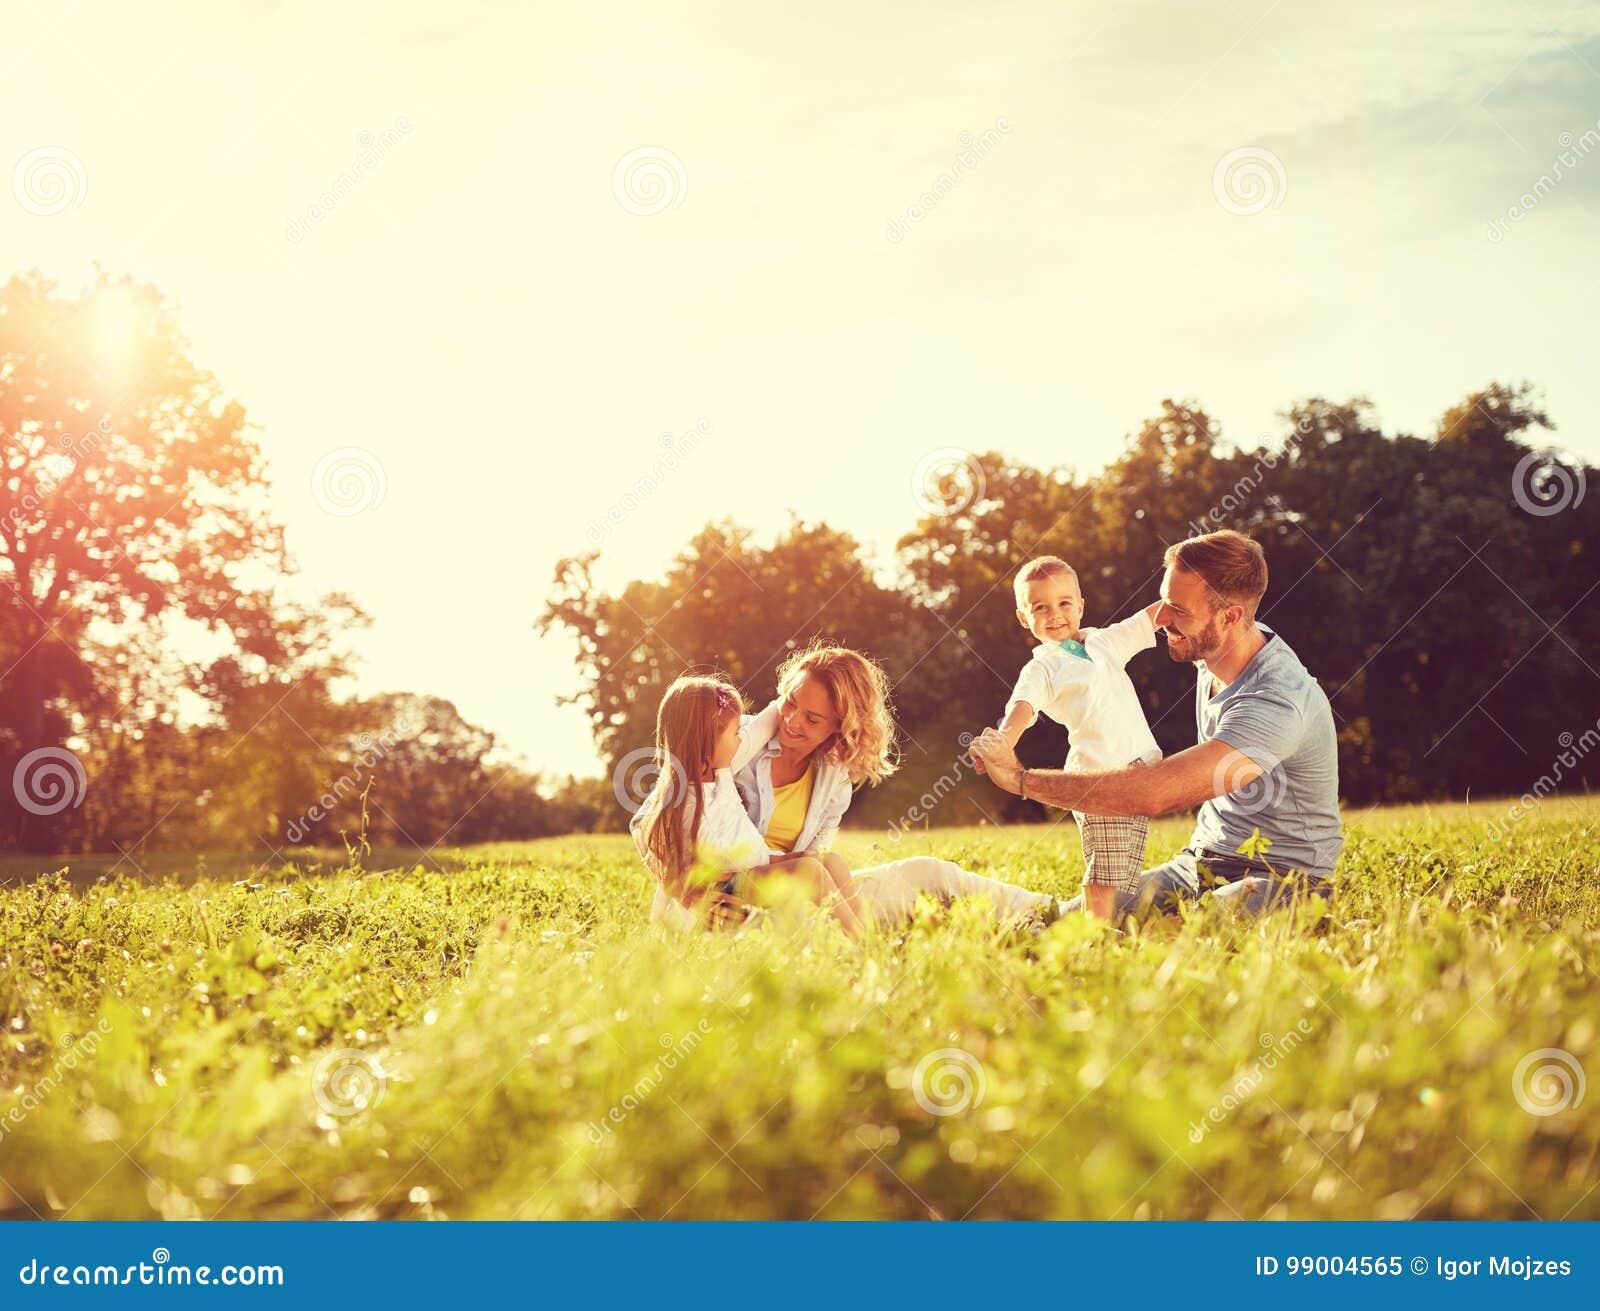 El jugar masculino y femenino con los niños afuera